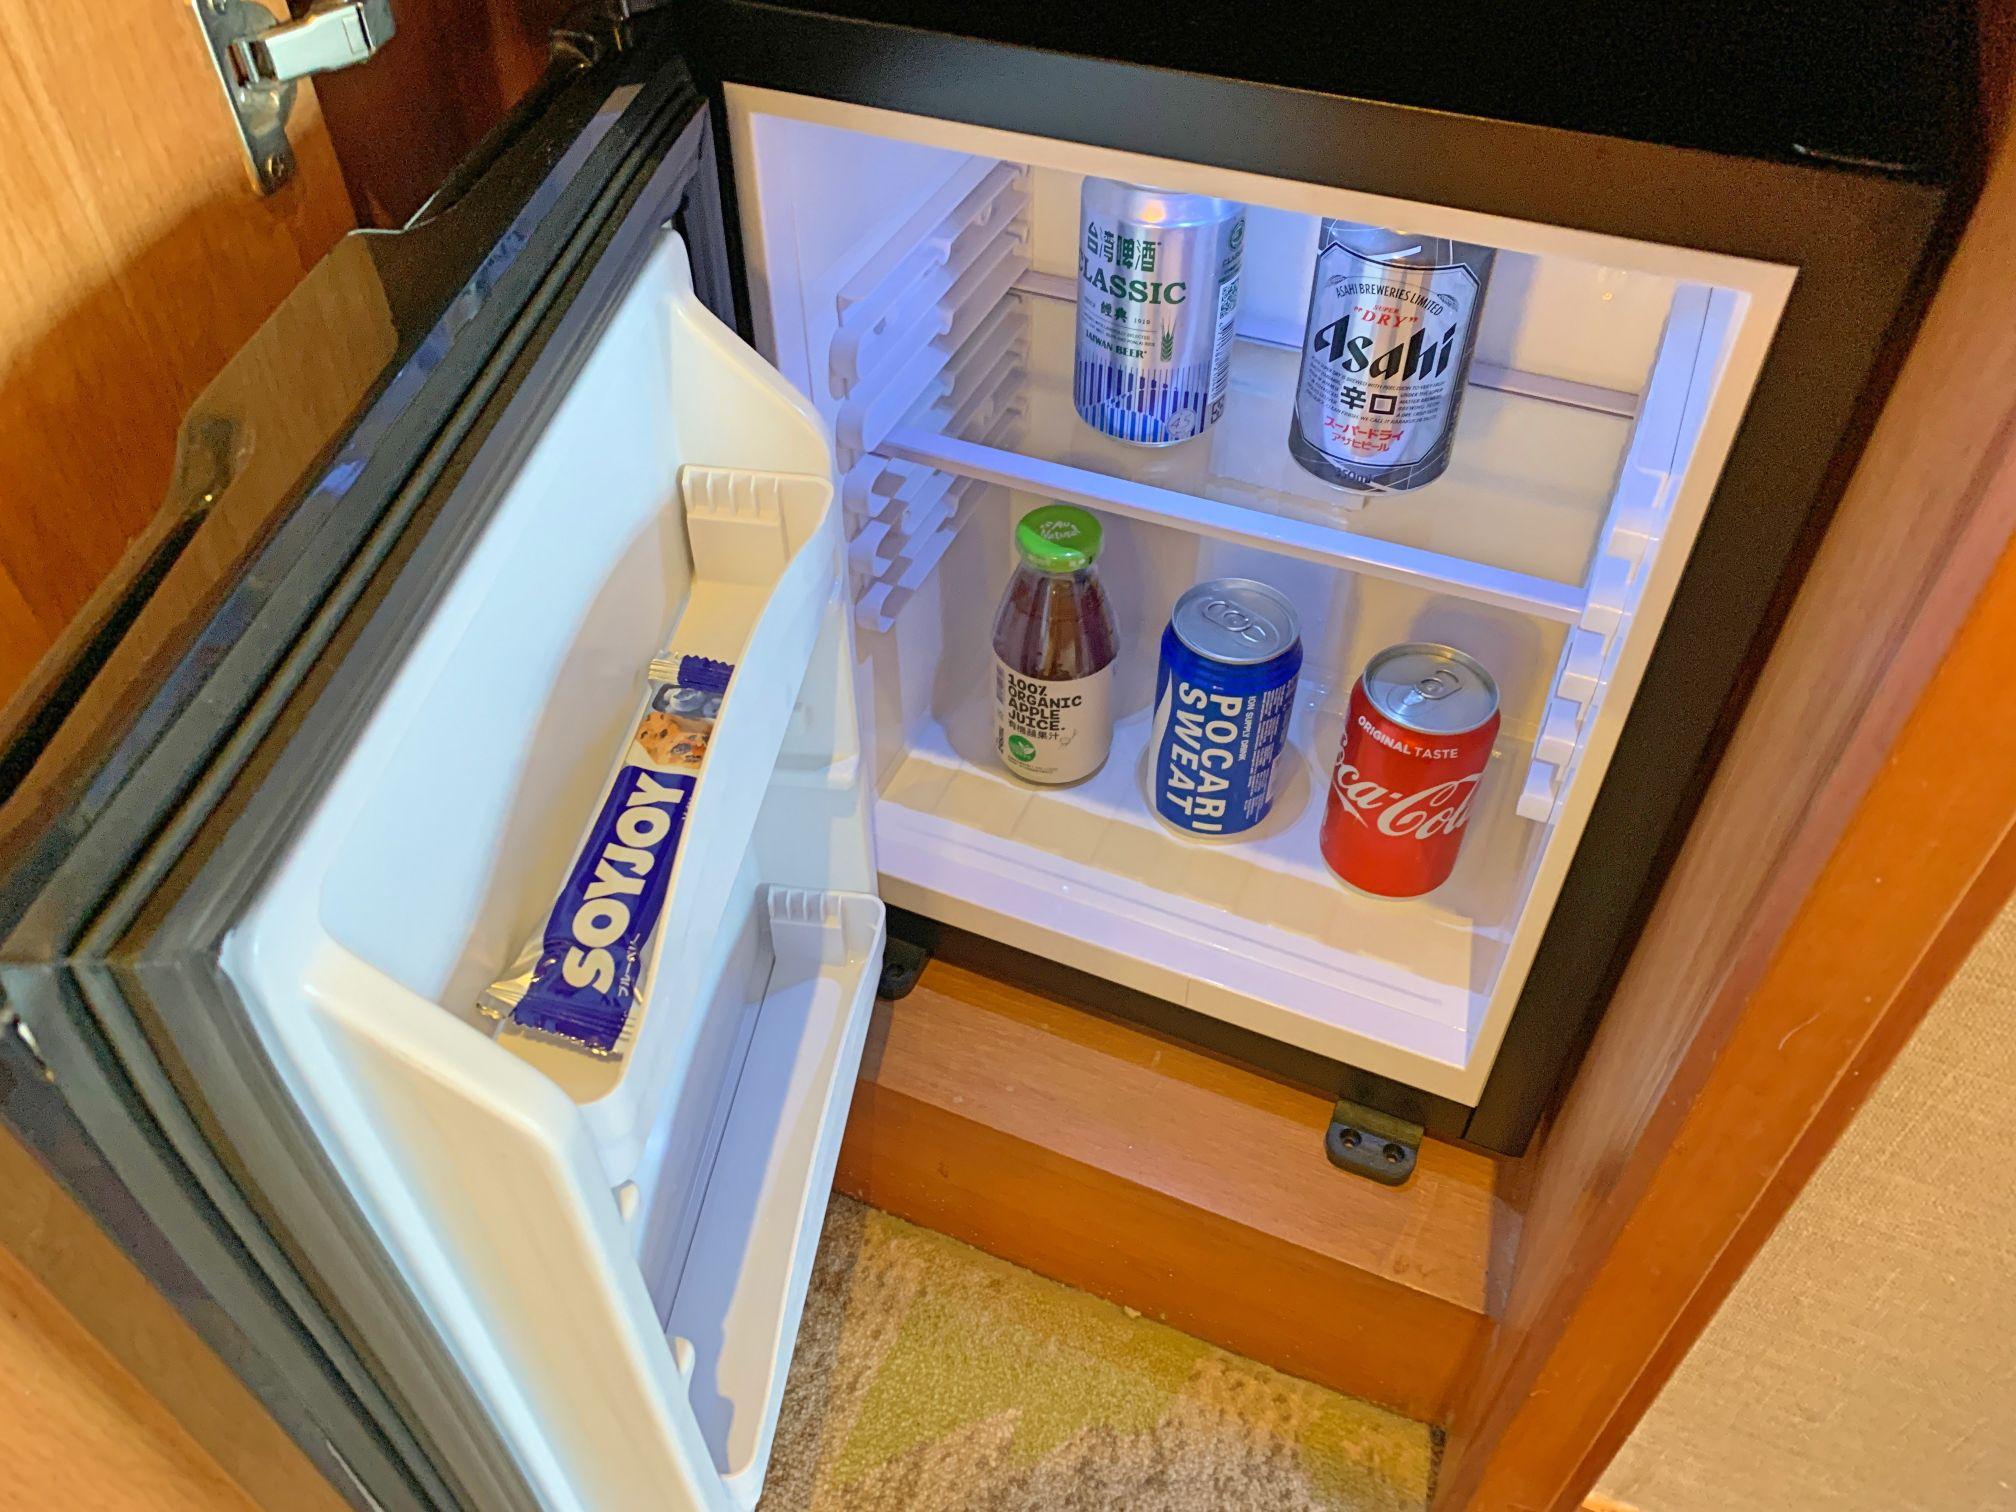 メトロポリタンプレミア台北の冷蔵庫